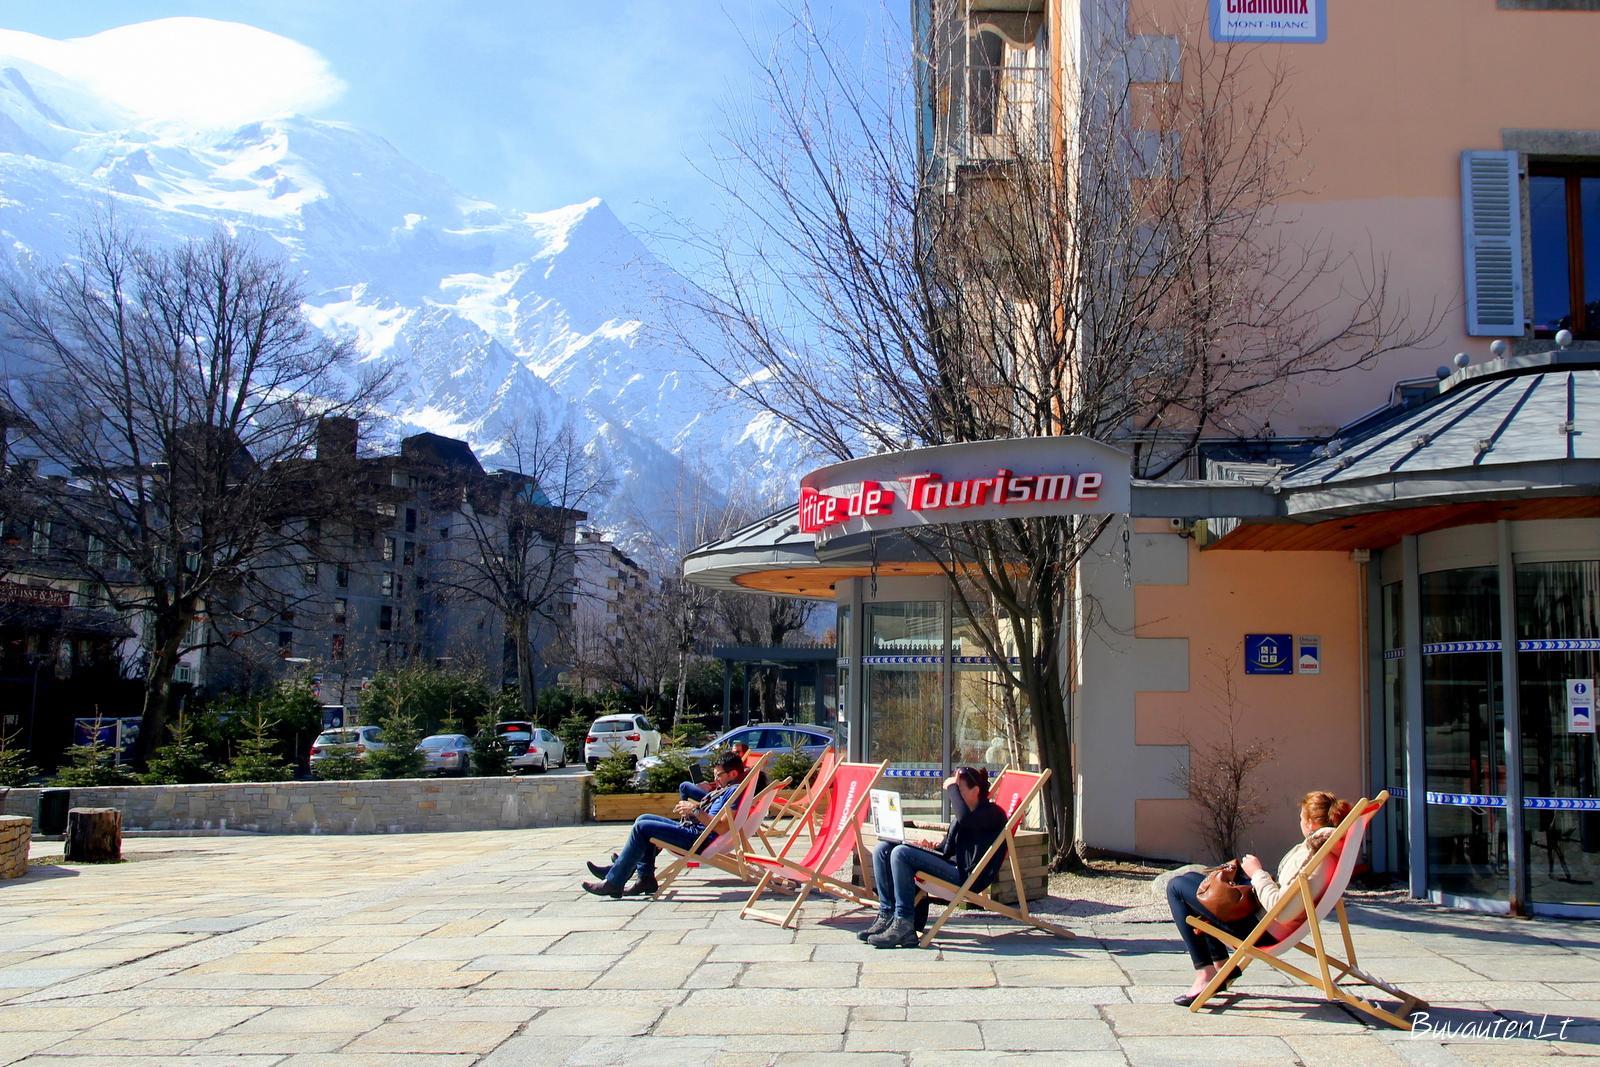 Turistai šalia turizmo biuro gaudo pavasario saulę